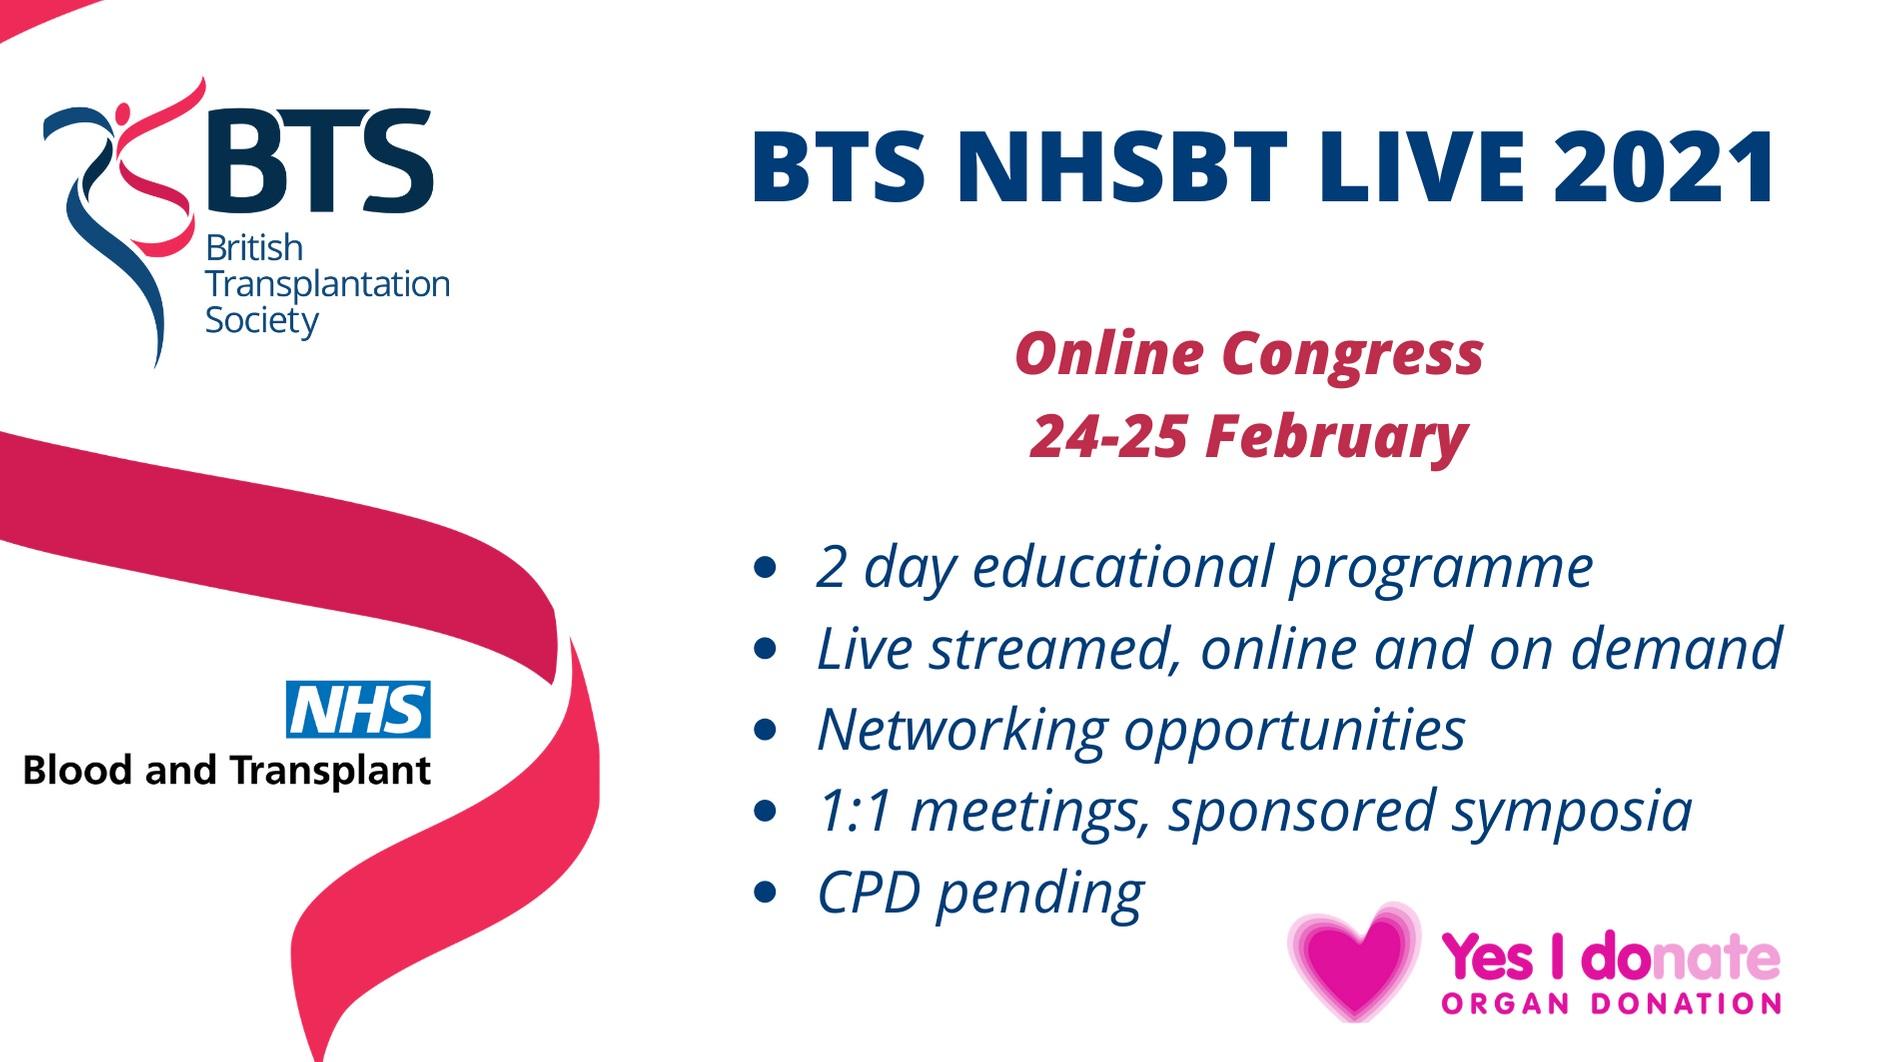 BTS NHSBT LIVE 2021